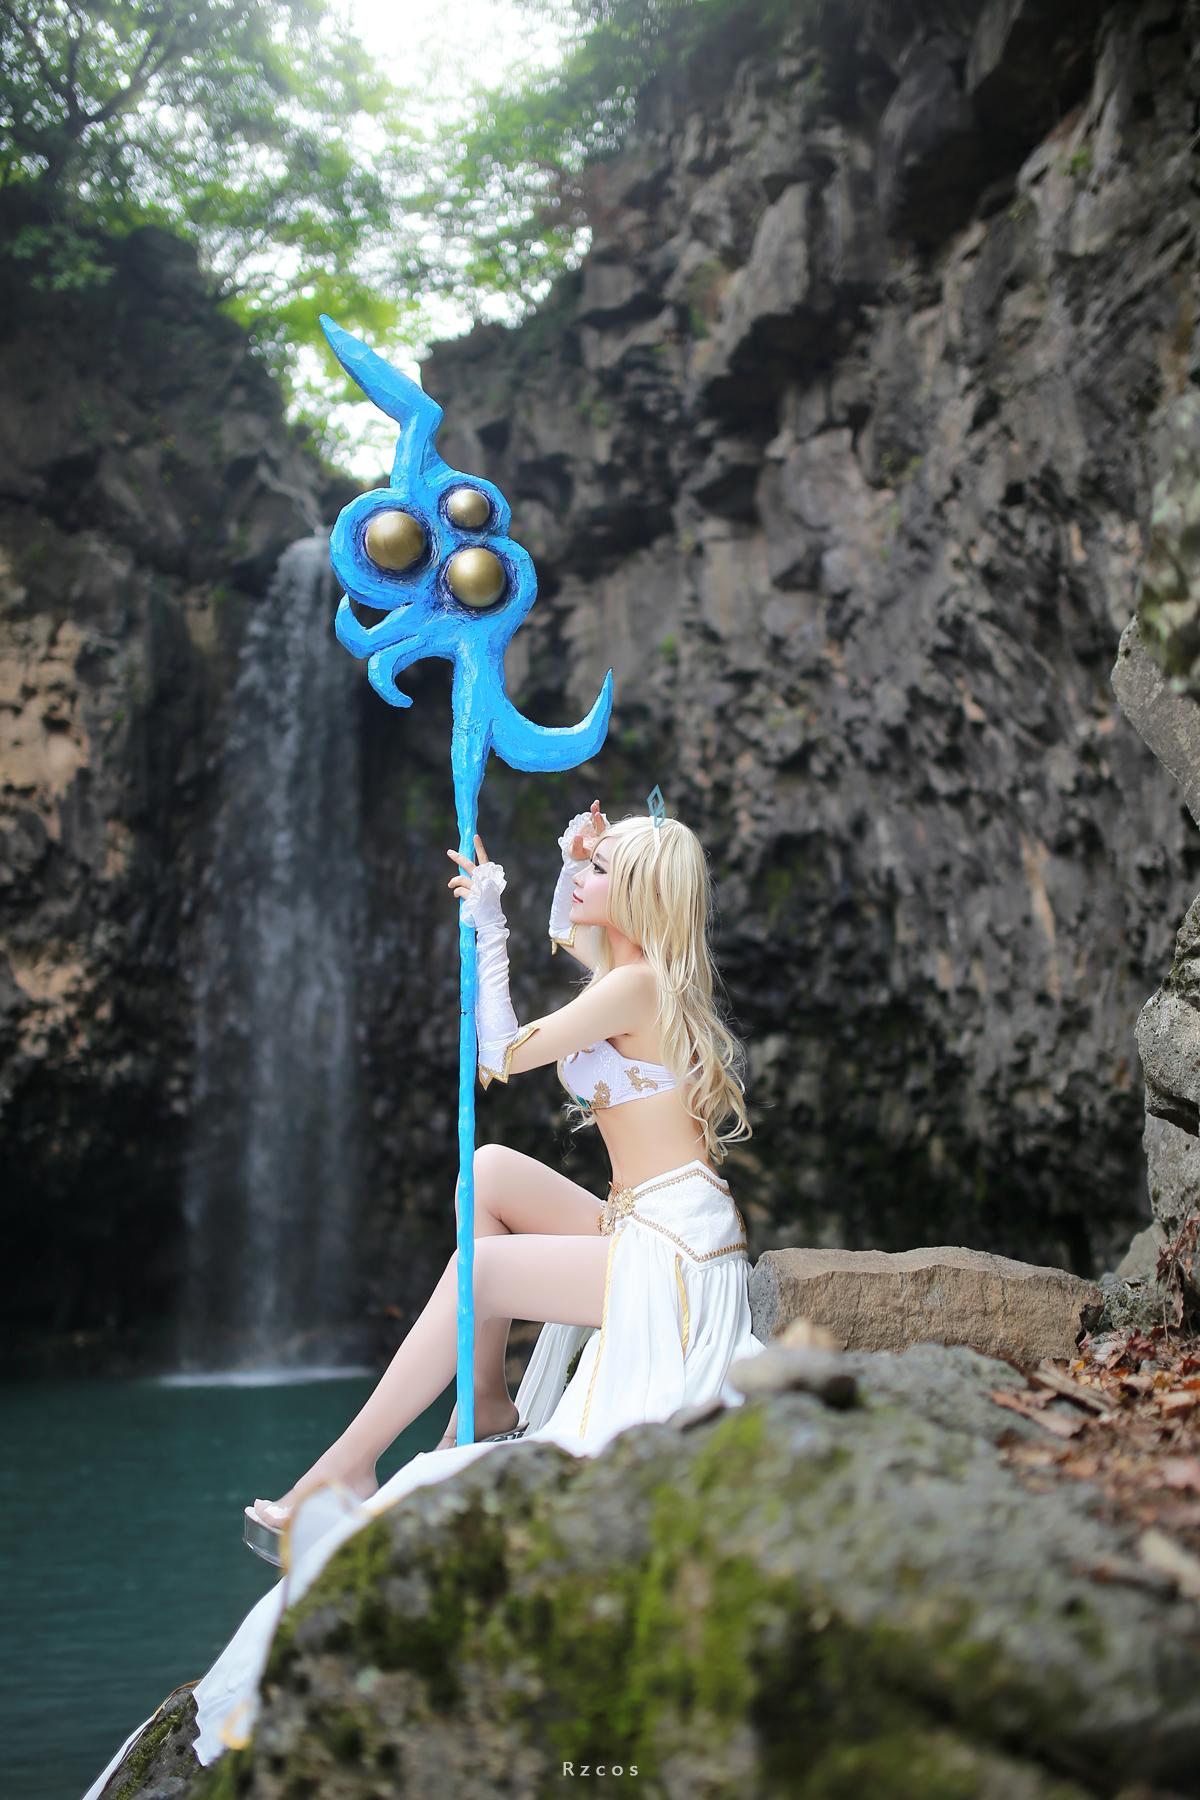 Ngắm cosplay Janna cực quyến rũ của RZ - Ảnh 10